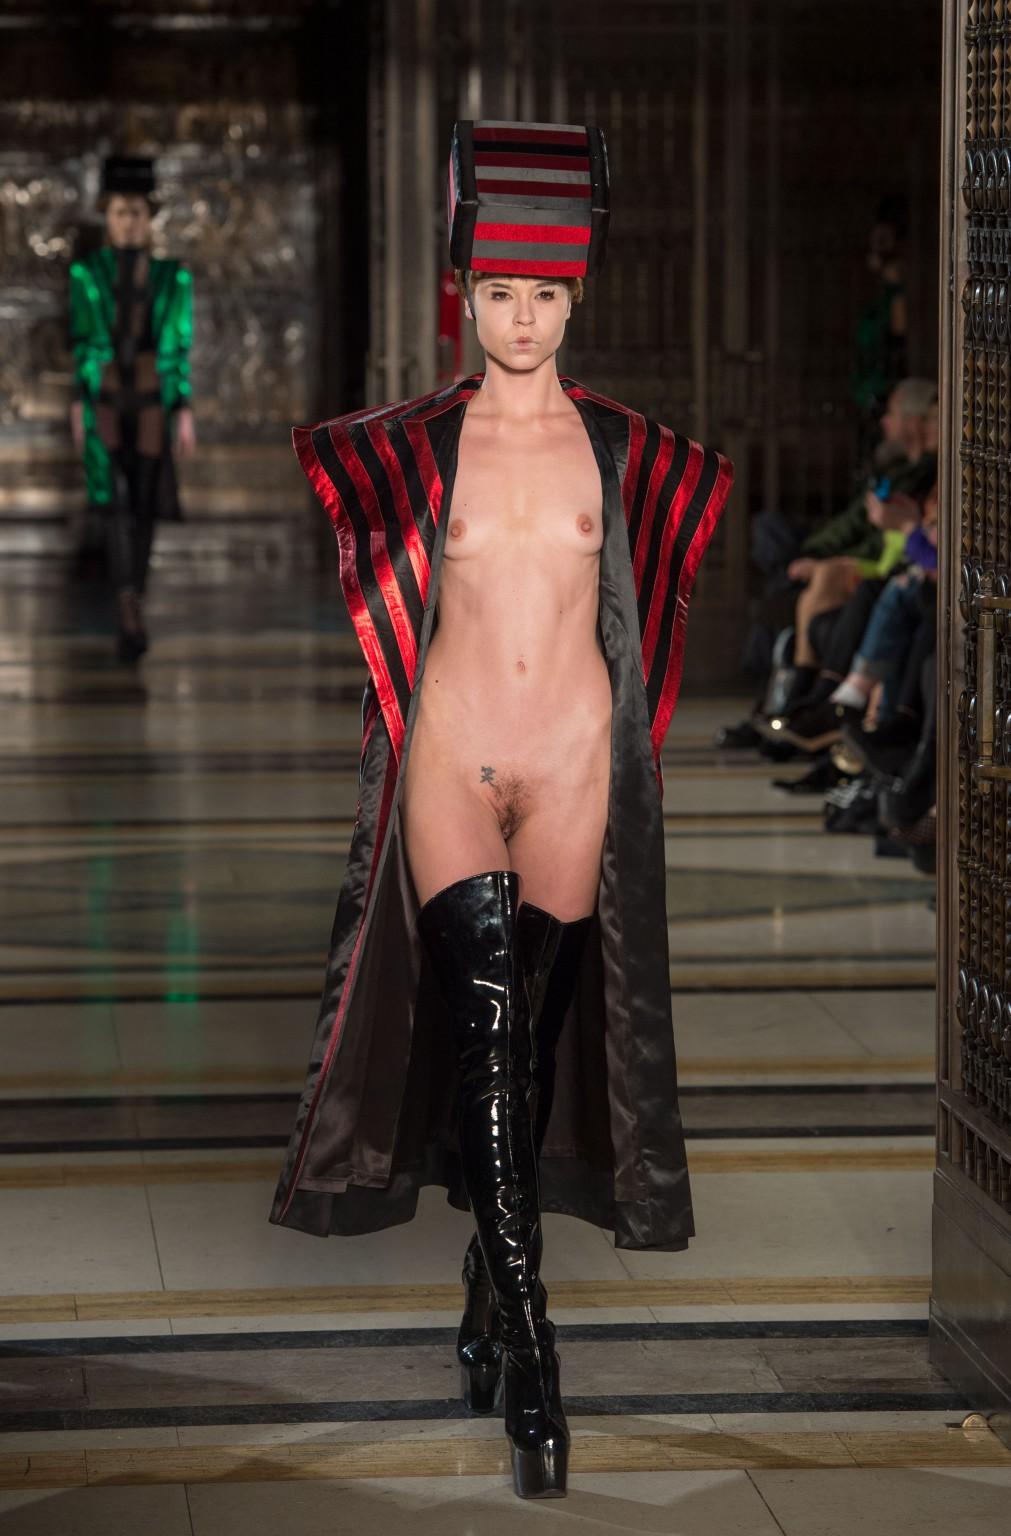 Показ эротических мод галереи